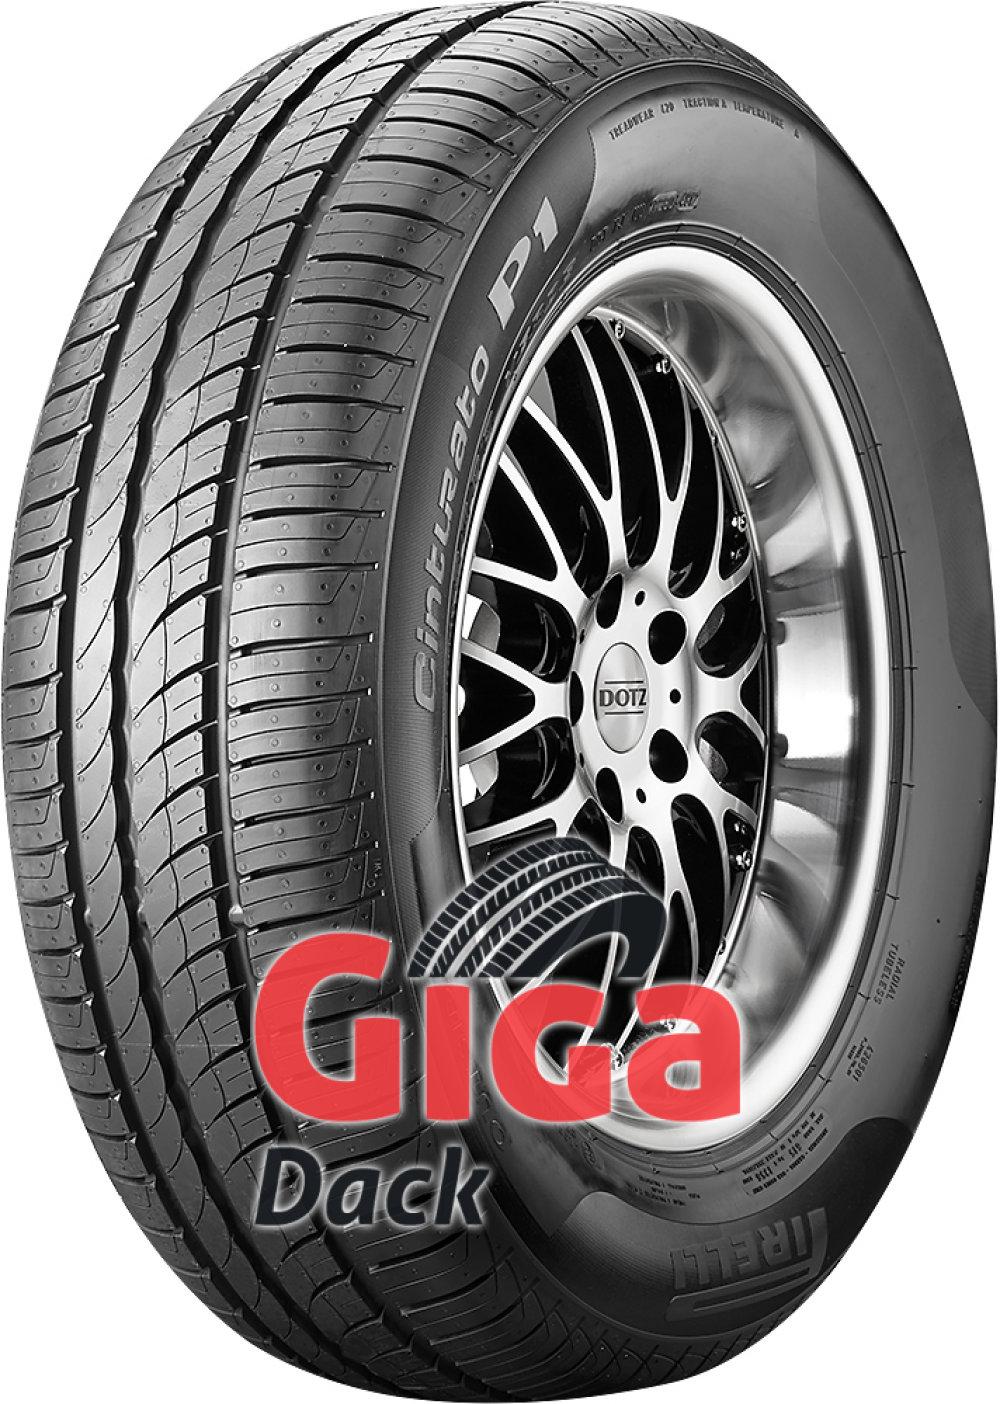 Pirelli Cinturato P1 Verde ( 205/60 R15 91V ECOIMPACT )